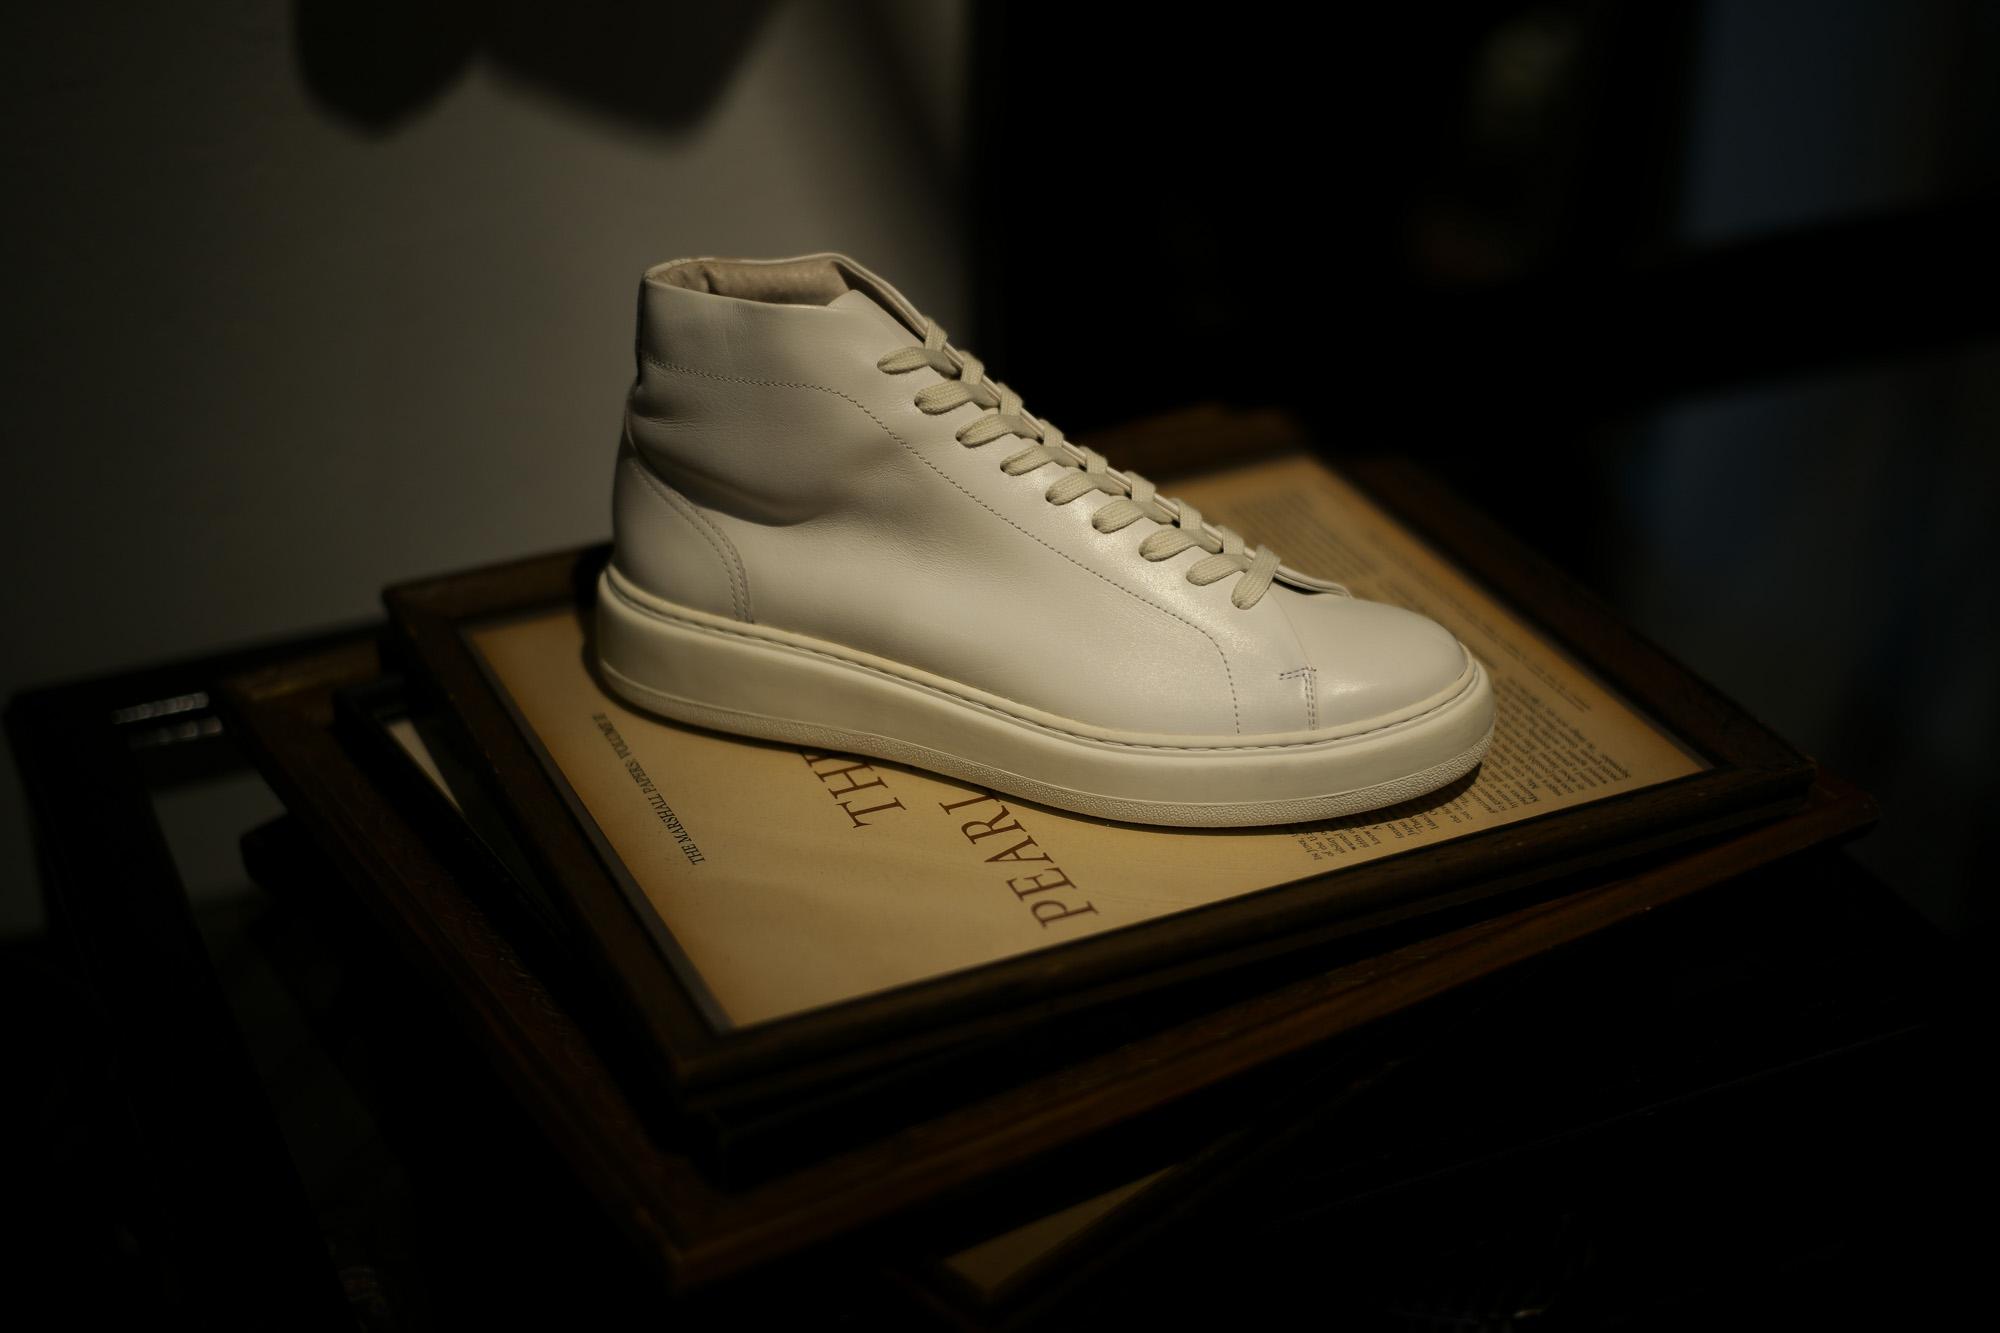 PATRICK(パトリック) CRUISE LINE クルーズライン GENOVA-HI (ジェノバ ハイ) Annonay Vocalou Calf Leather (アノネイ社 ボカルーカーフ レザー) ハイカット レザー スニーカー WHITE (ホワイト・WHT) MADE IN JAPAN(日本製) 【1st コレクション // 復刻モデル】【スペシャル限定モデル】【第1便ご予約開始します】 patrick パトリック cruiseline クルーズライン 愛知 名古屋 ZODIAC ゾディアック 干場義雅 坪内浩